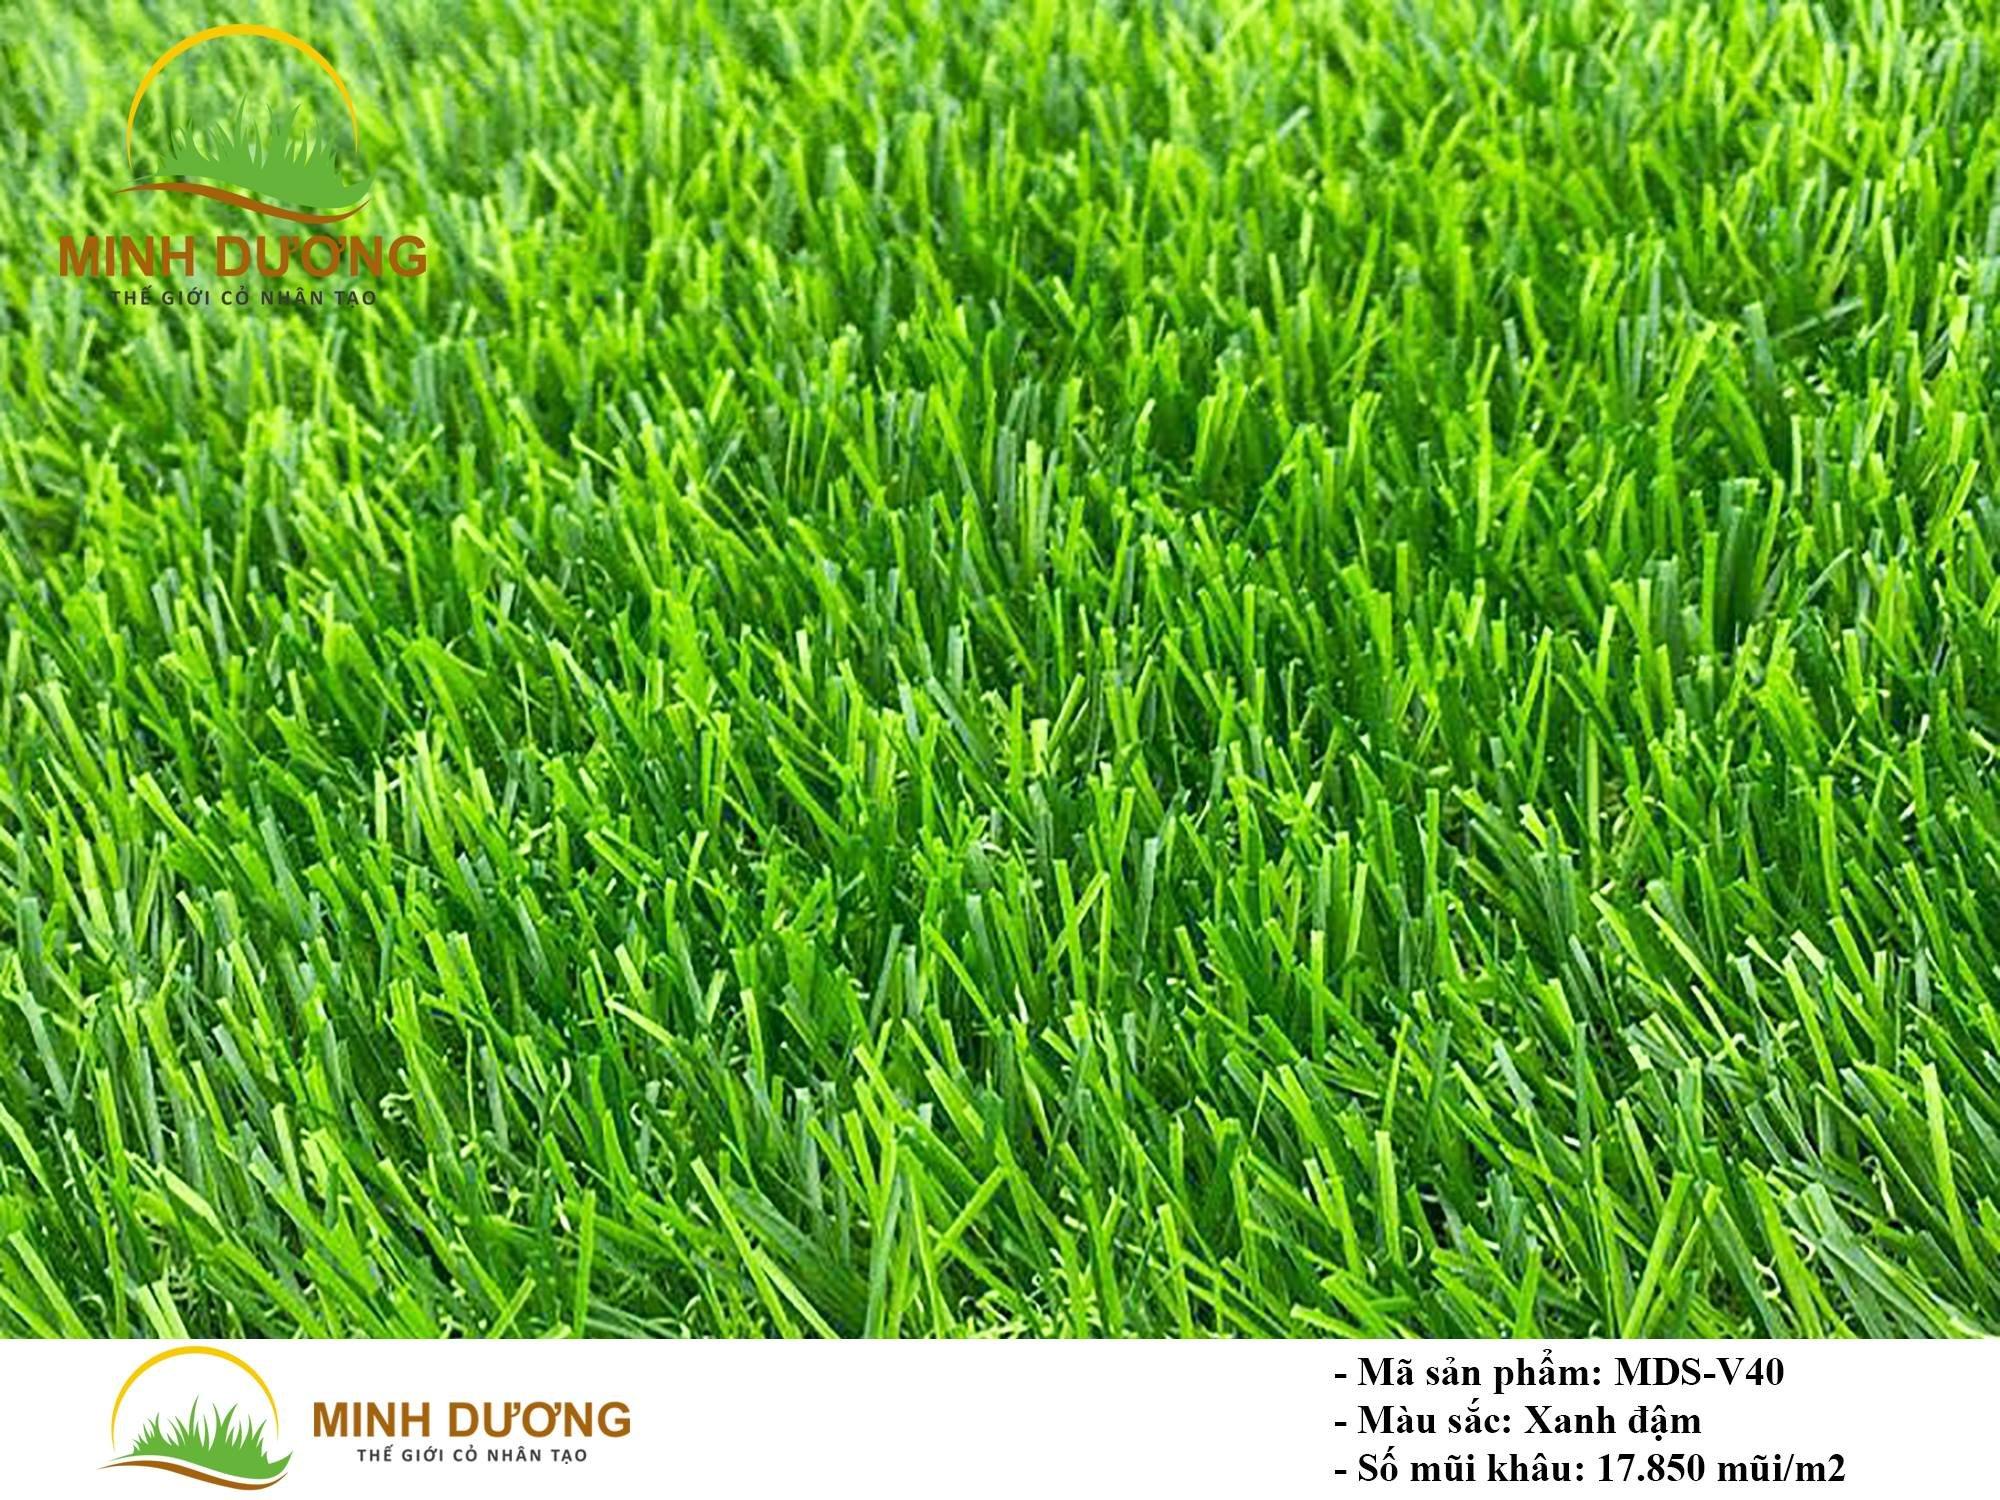 Mô tả sản phẩm cỏ nhân tạo MDS-V40